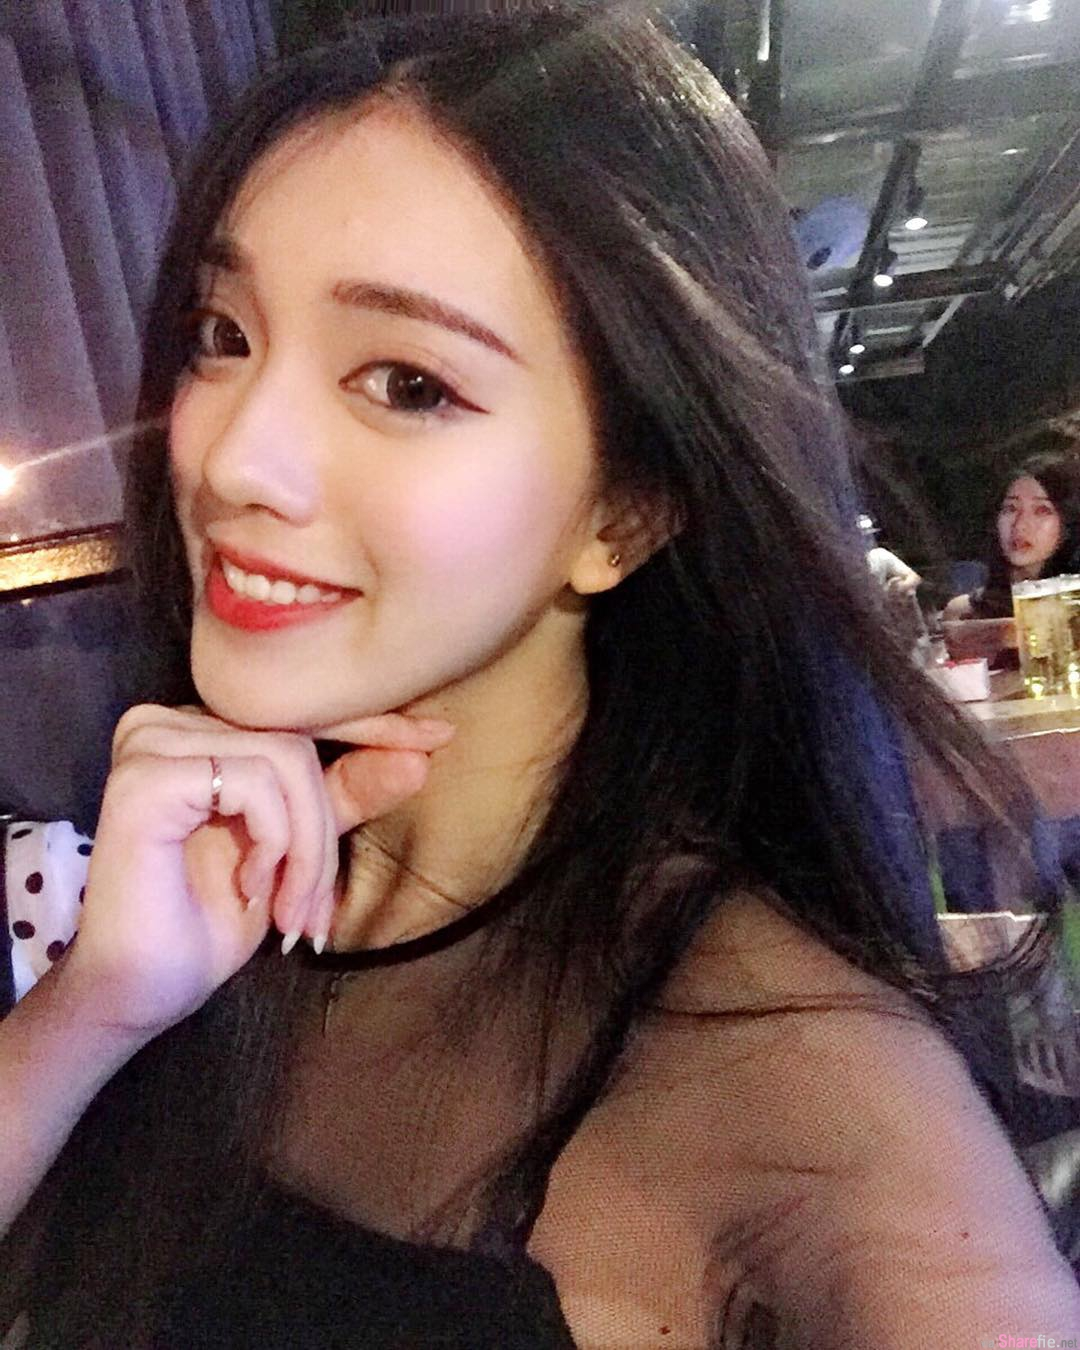 大马正妹Candice Lim泰国旅游一出酒店门就「湿身了」,网友:我鼻血已流